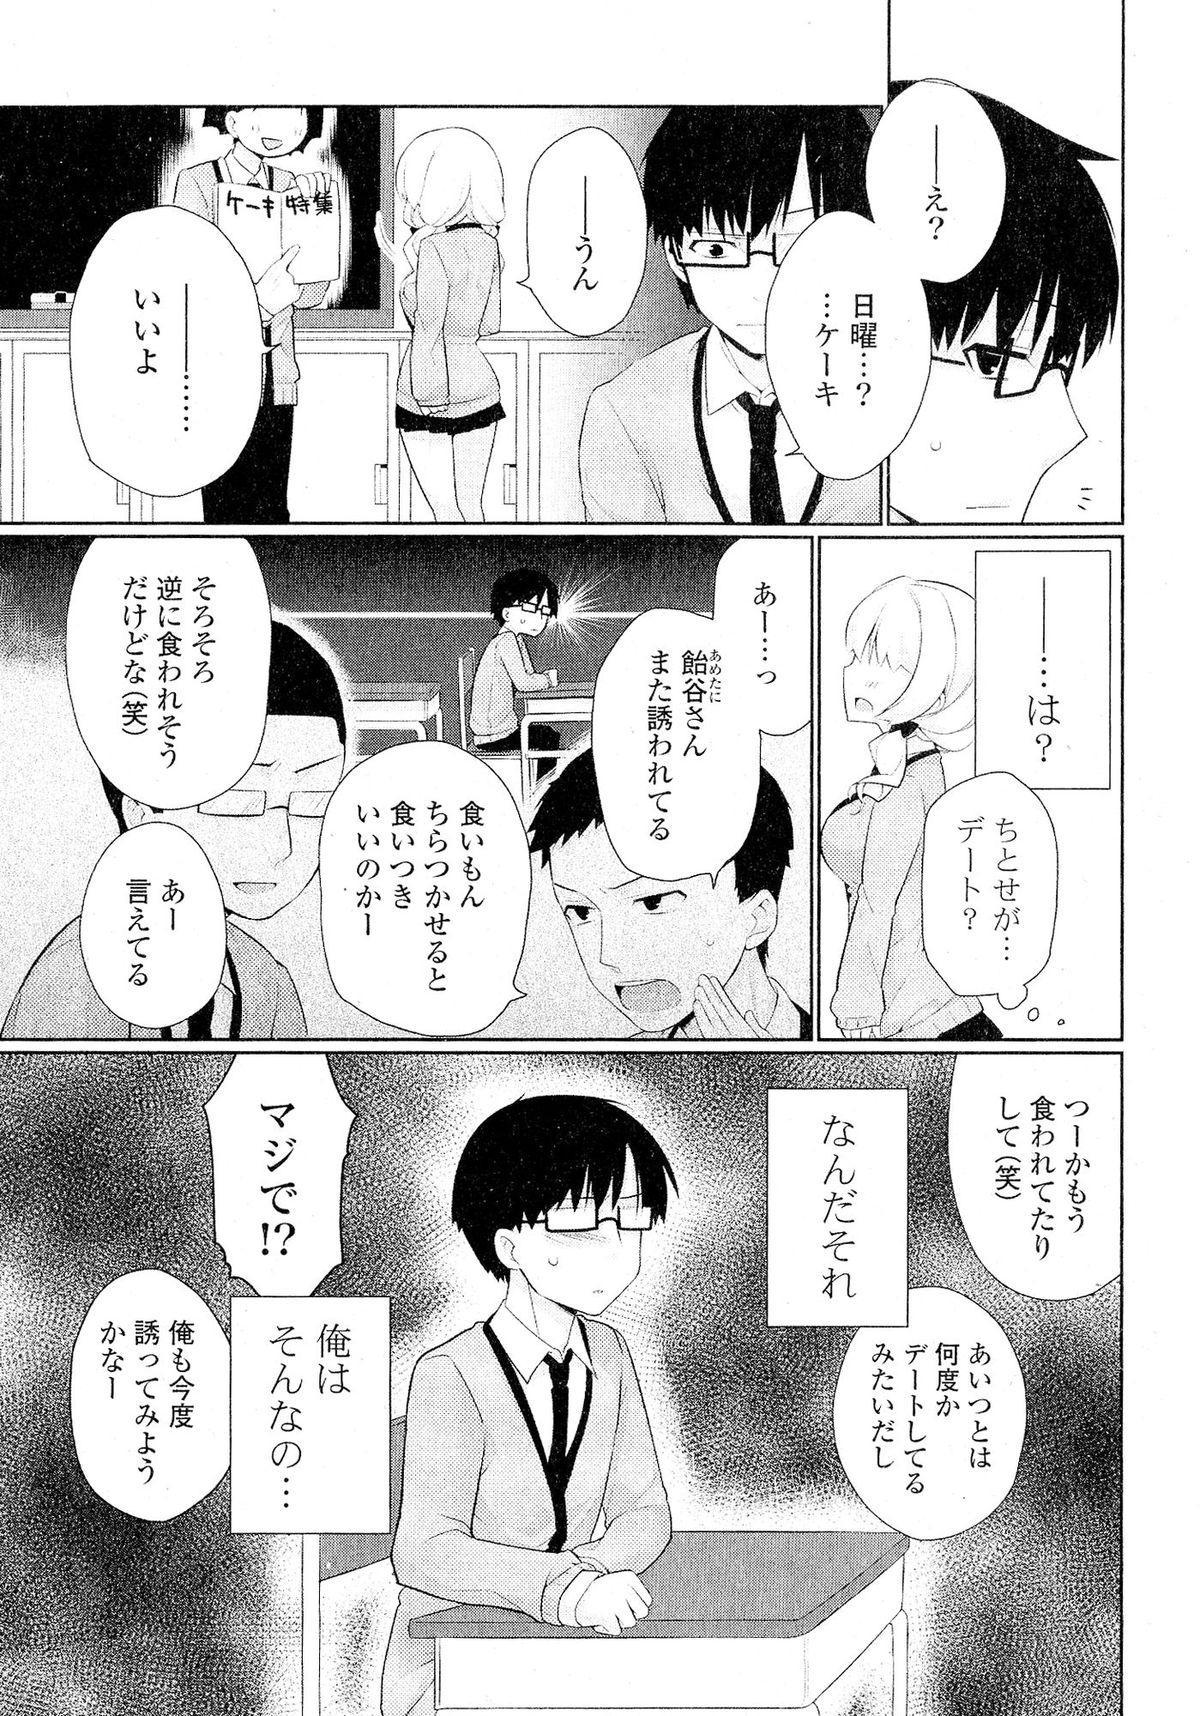 Doki ga Mune Mune Chichimusume 302